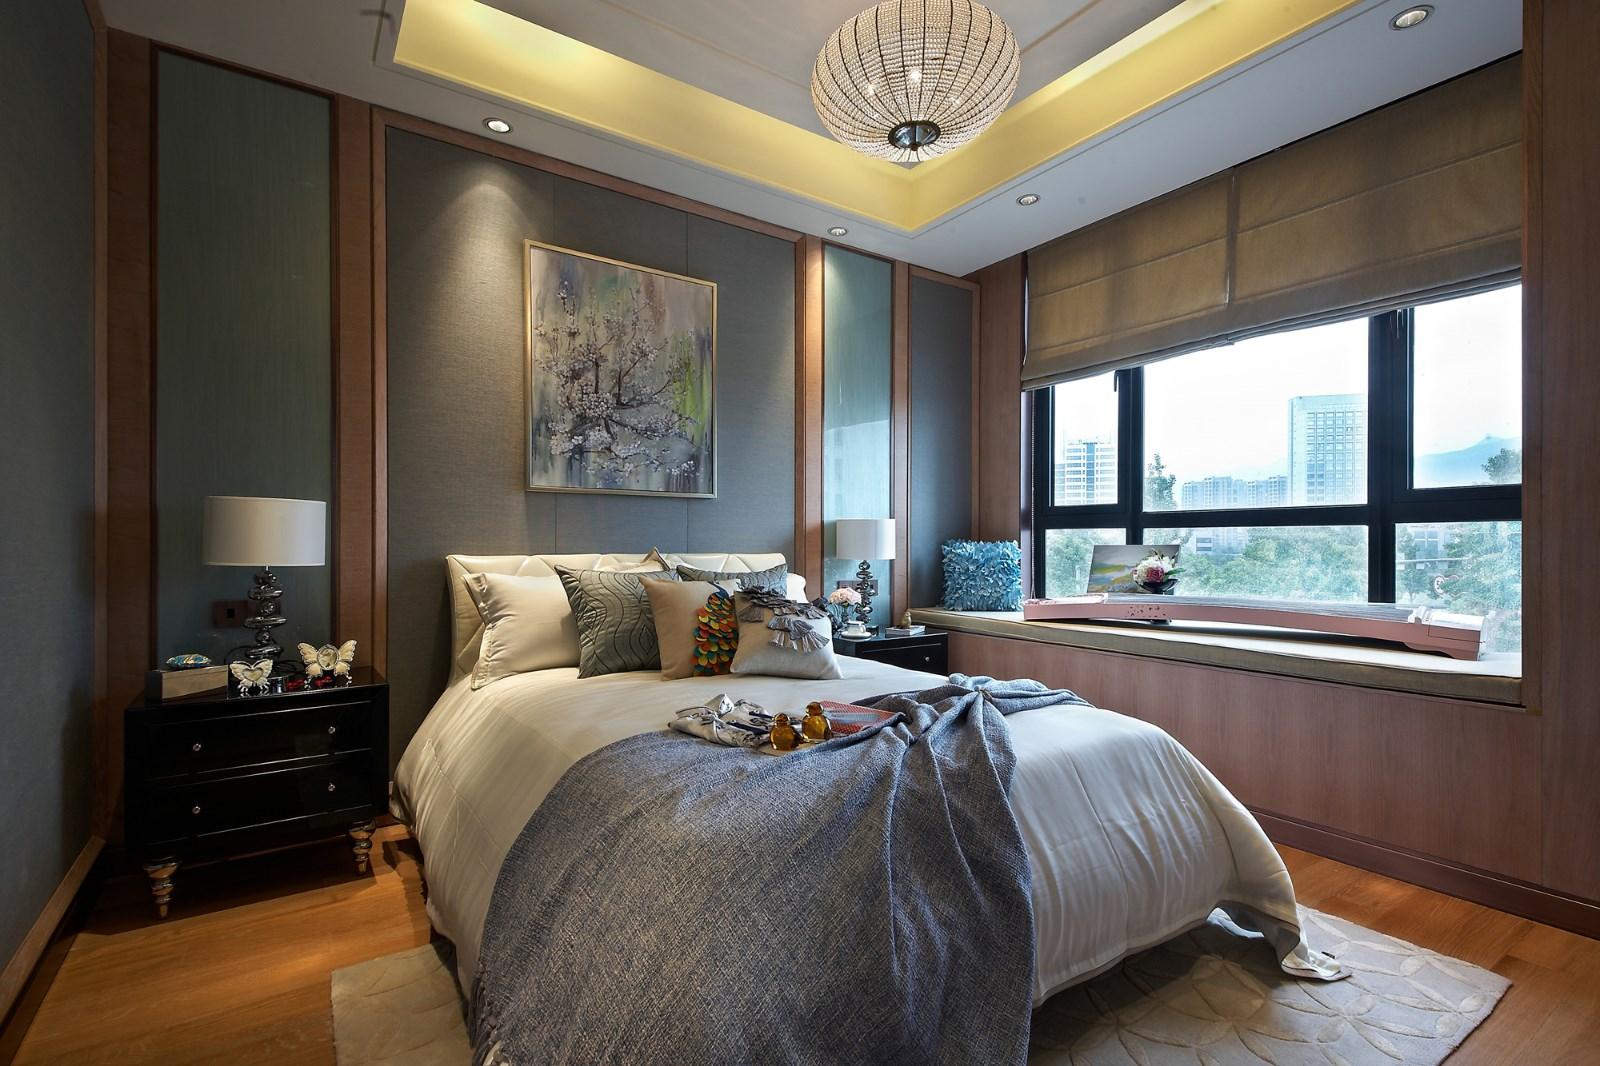 卧室背景墙的抽象油画设计,显得优雅端庄。